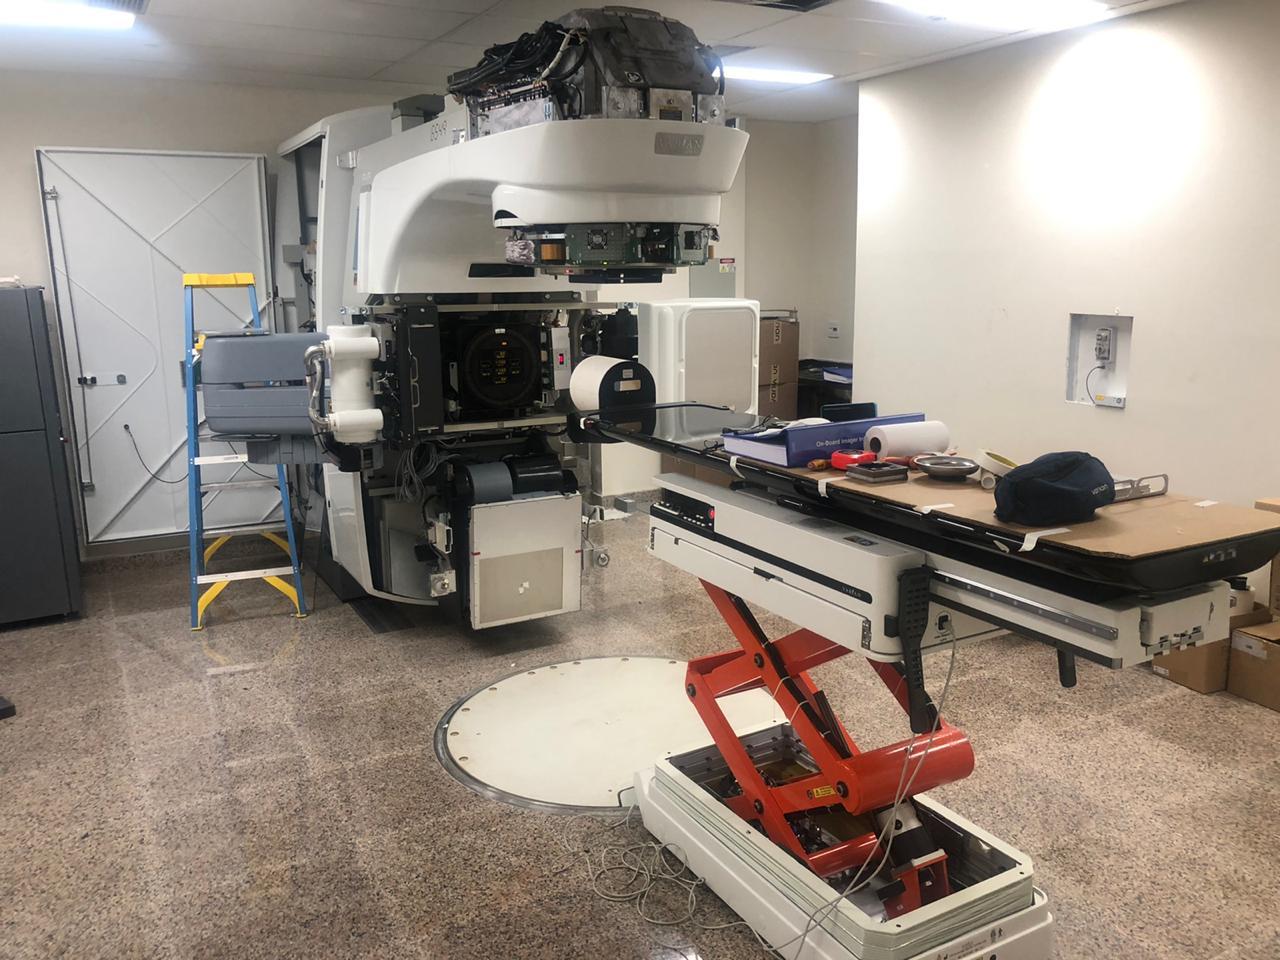 HA recebe novo aparelho que permite tratamento radioterápico com alta tecnologia